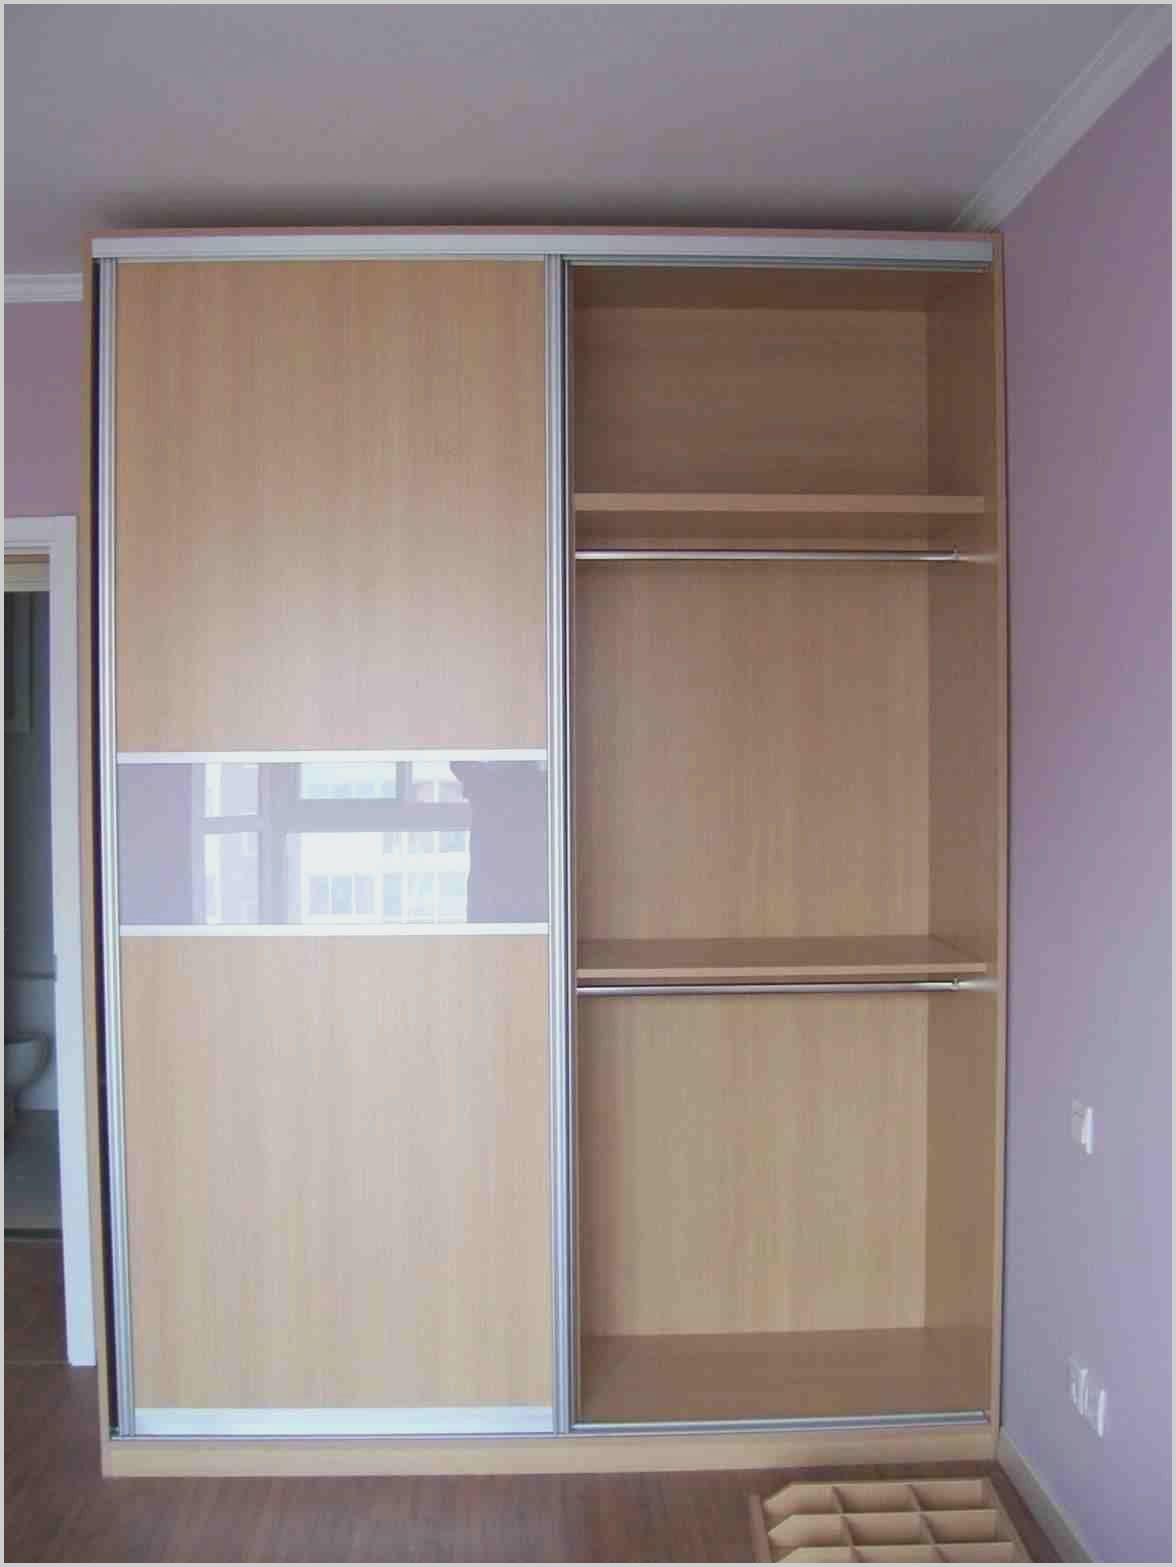 almirah design for small bedroom | cupboard design, bedroom